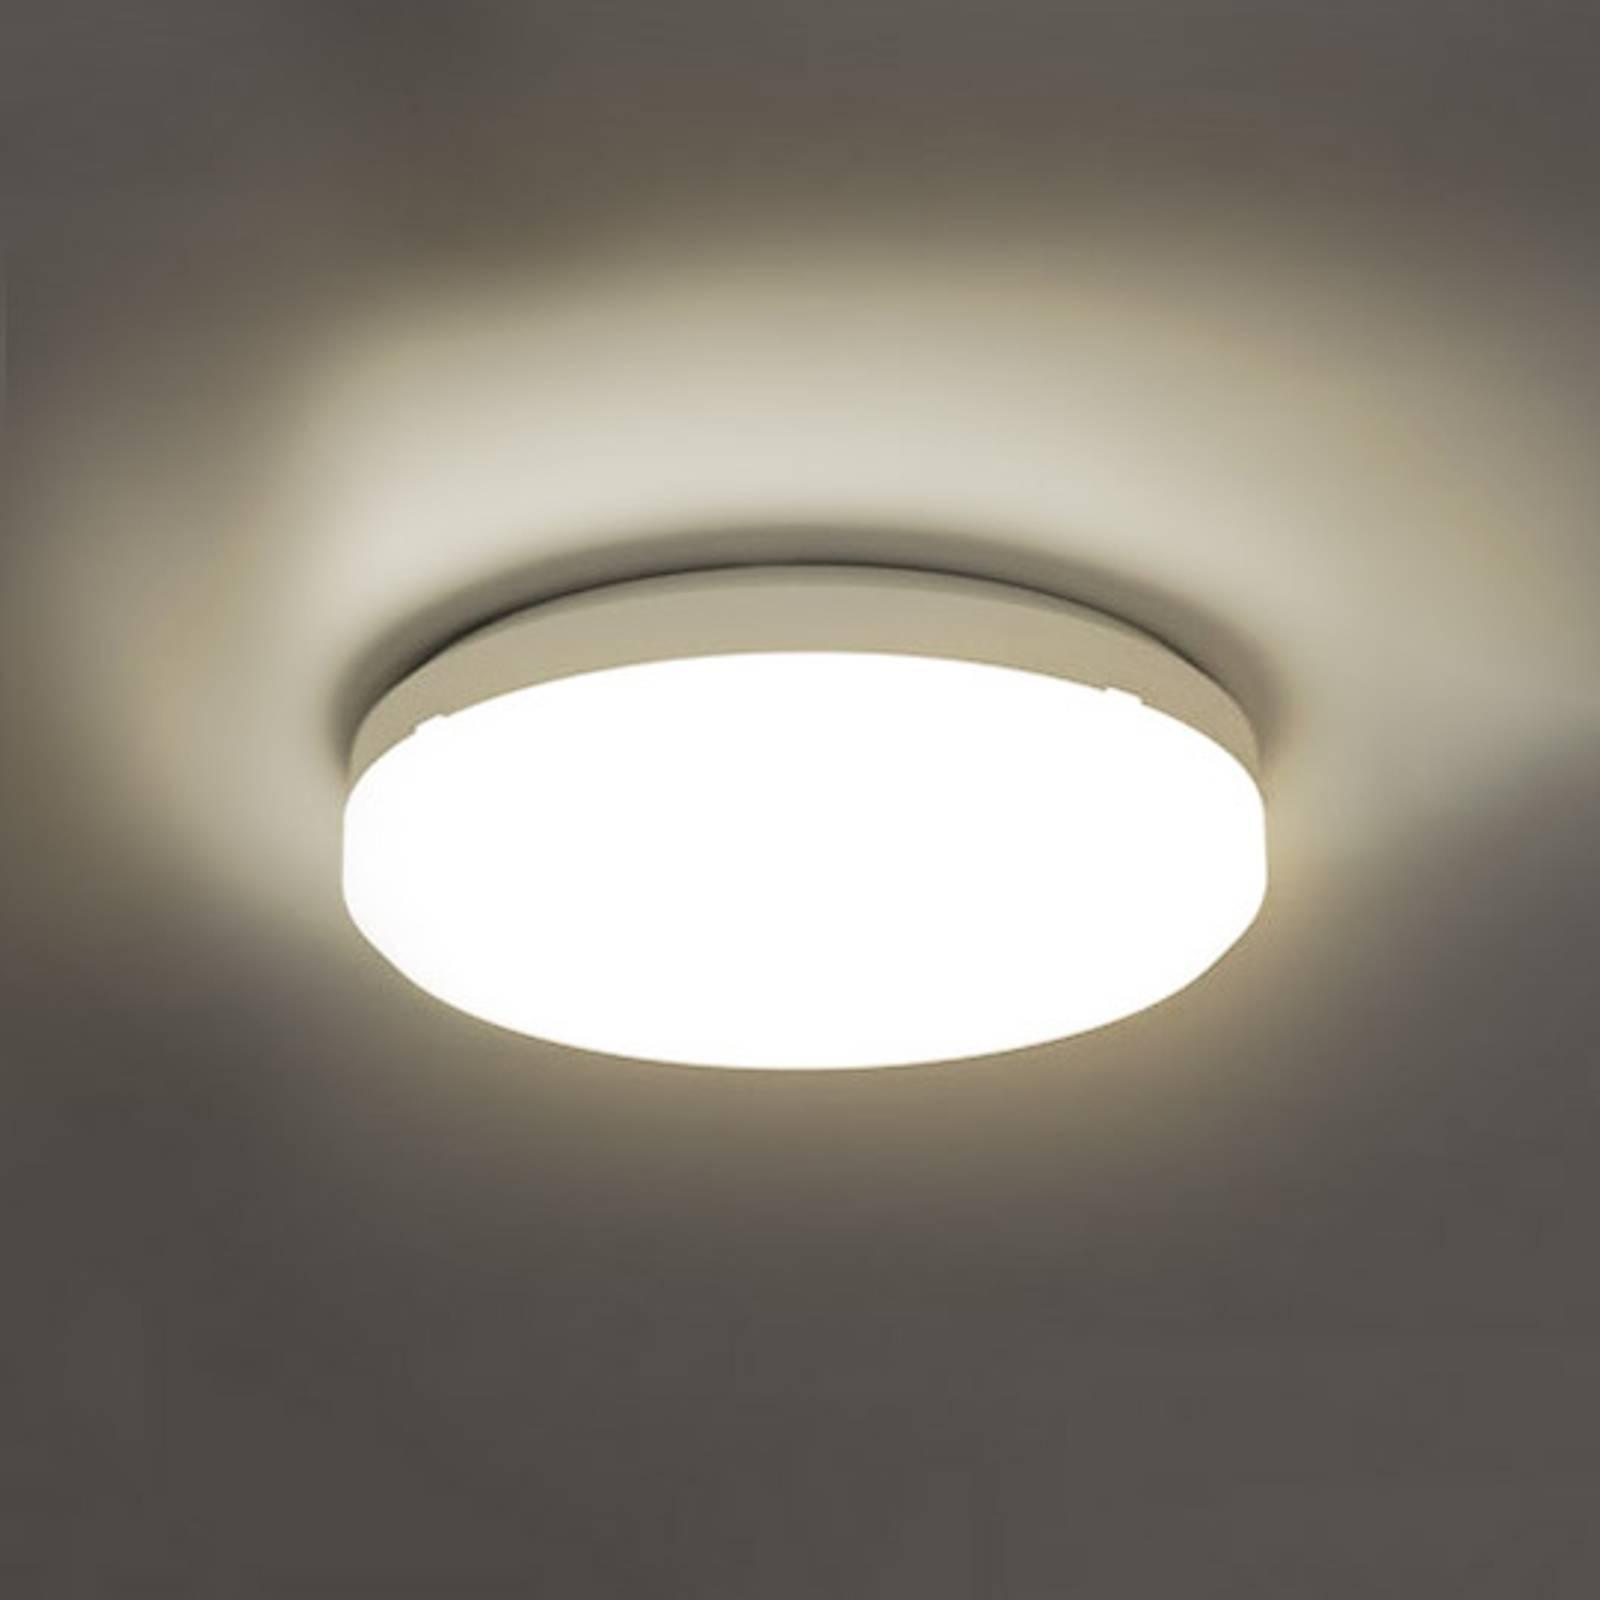 Bilde av Sun 15 Led-taklampe, Ip65, 26 W, 3000 K, Varmhvitt